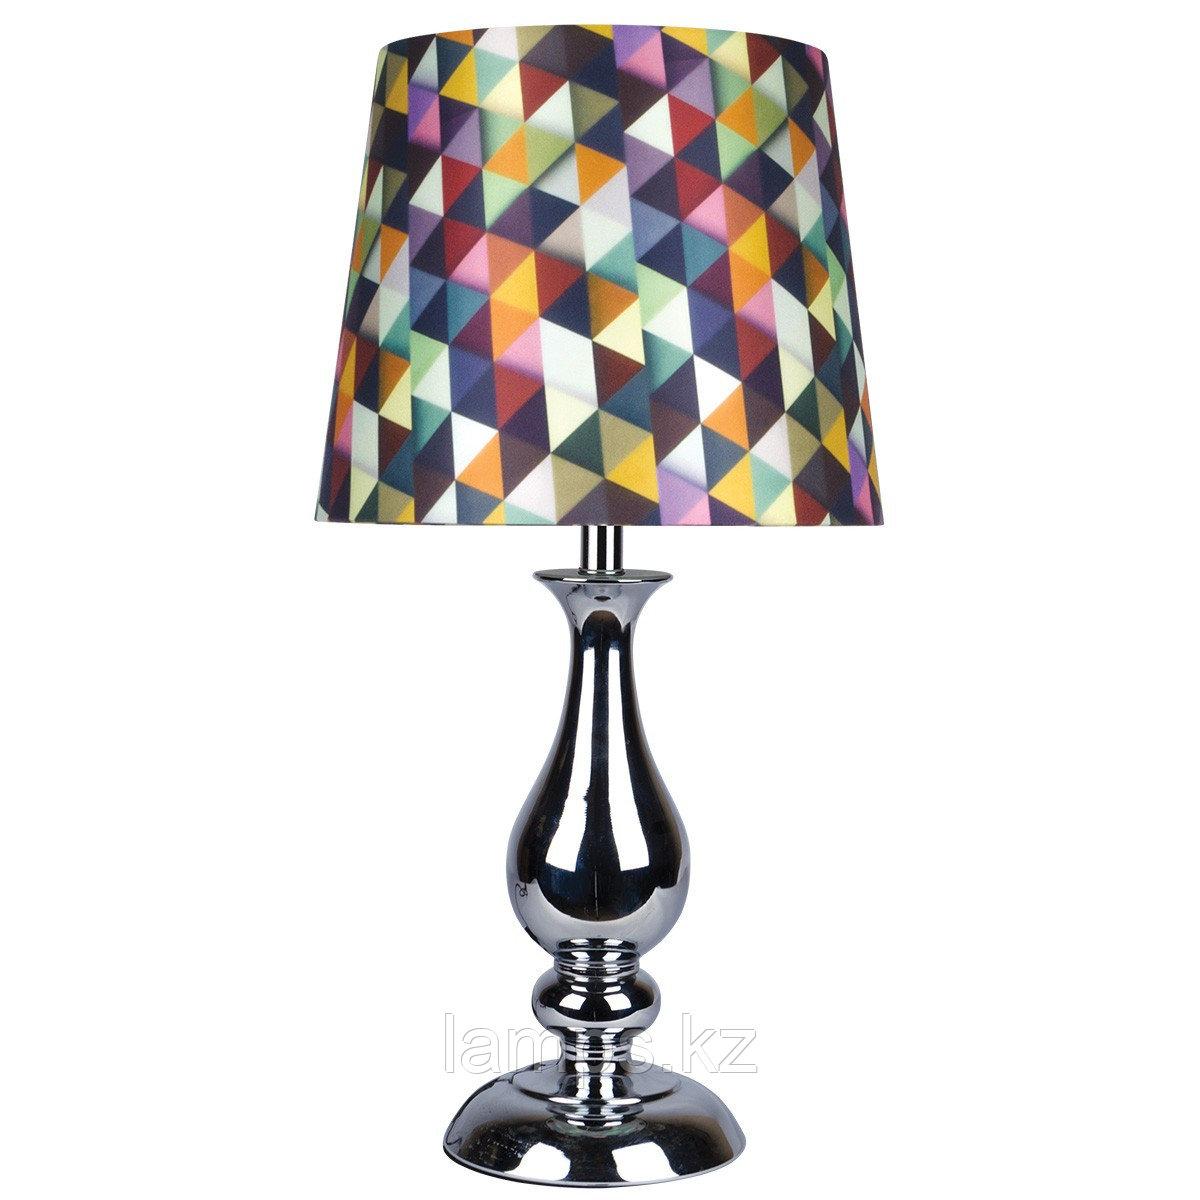 Настольная лампа T0002 COLORFUL TRIANGLE